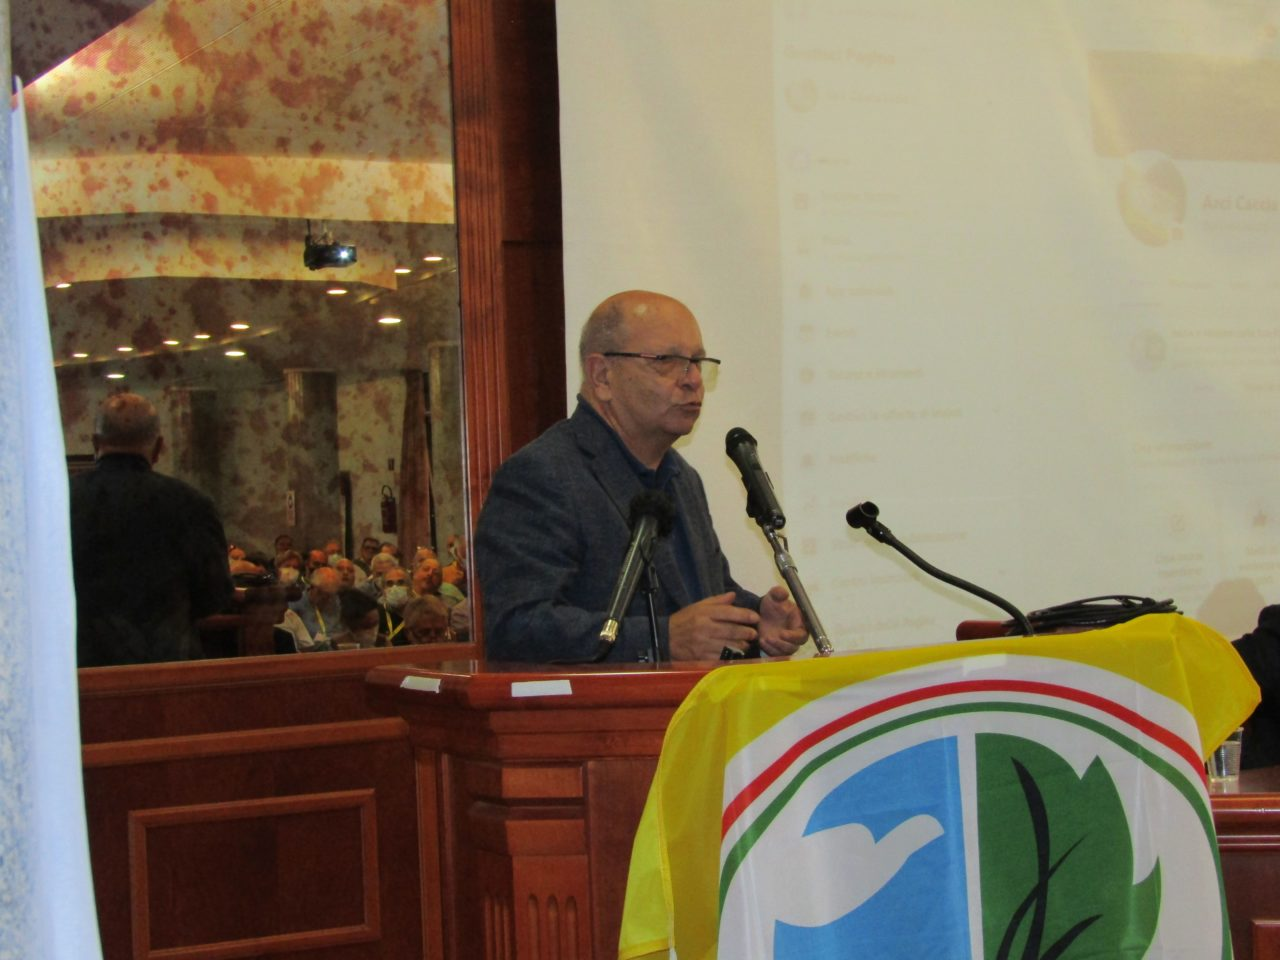 Congresso Nazionale Arci Caccia: L'intervento Di Daniele Lorenzi, ARCI